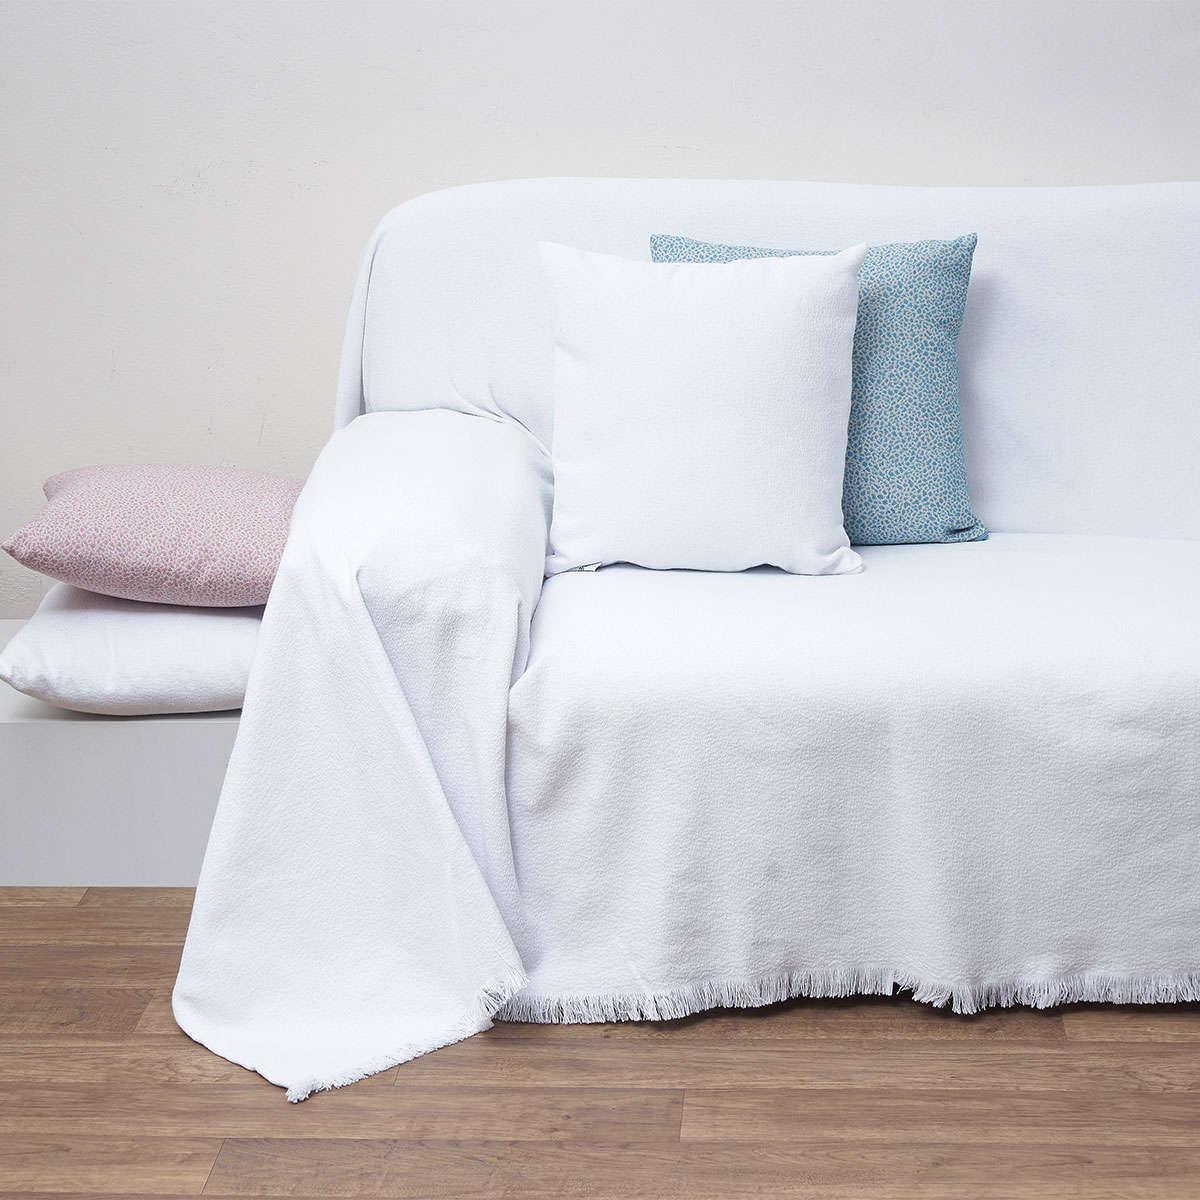 Μαξιλάρι Διακοσμητικό (Με Γέμιση) Des. 1554 White Anna Riska 40Χ40 100% Polyester